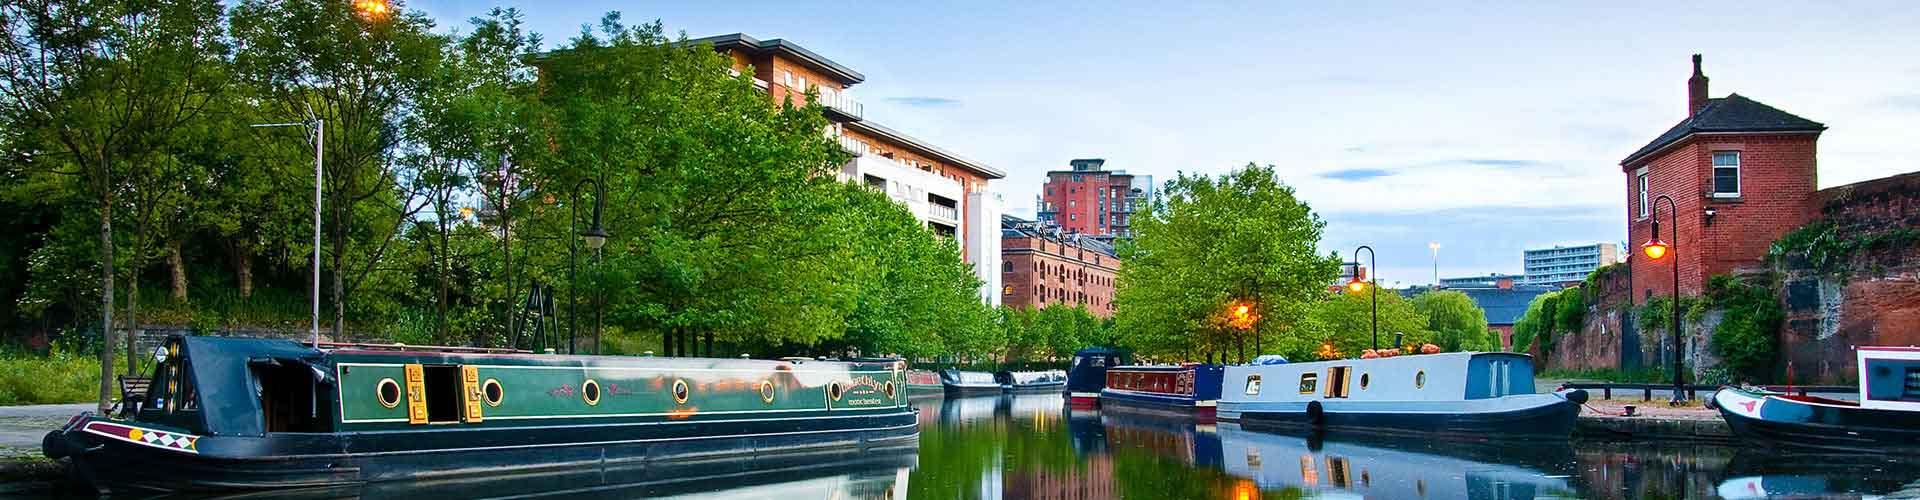 Manchester - Appartments à Manchester. Cartes pour Manchester, photos et commentaires pour chaque appartement à Manchester.